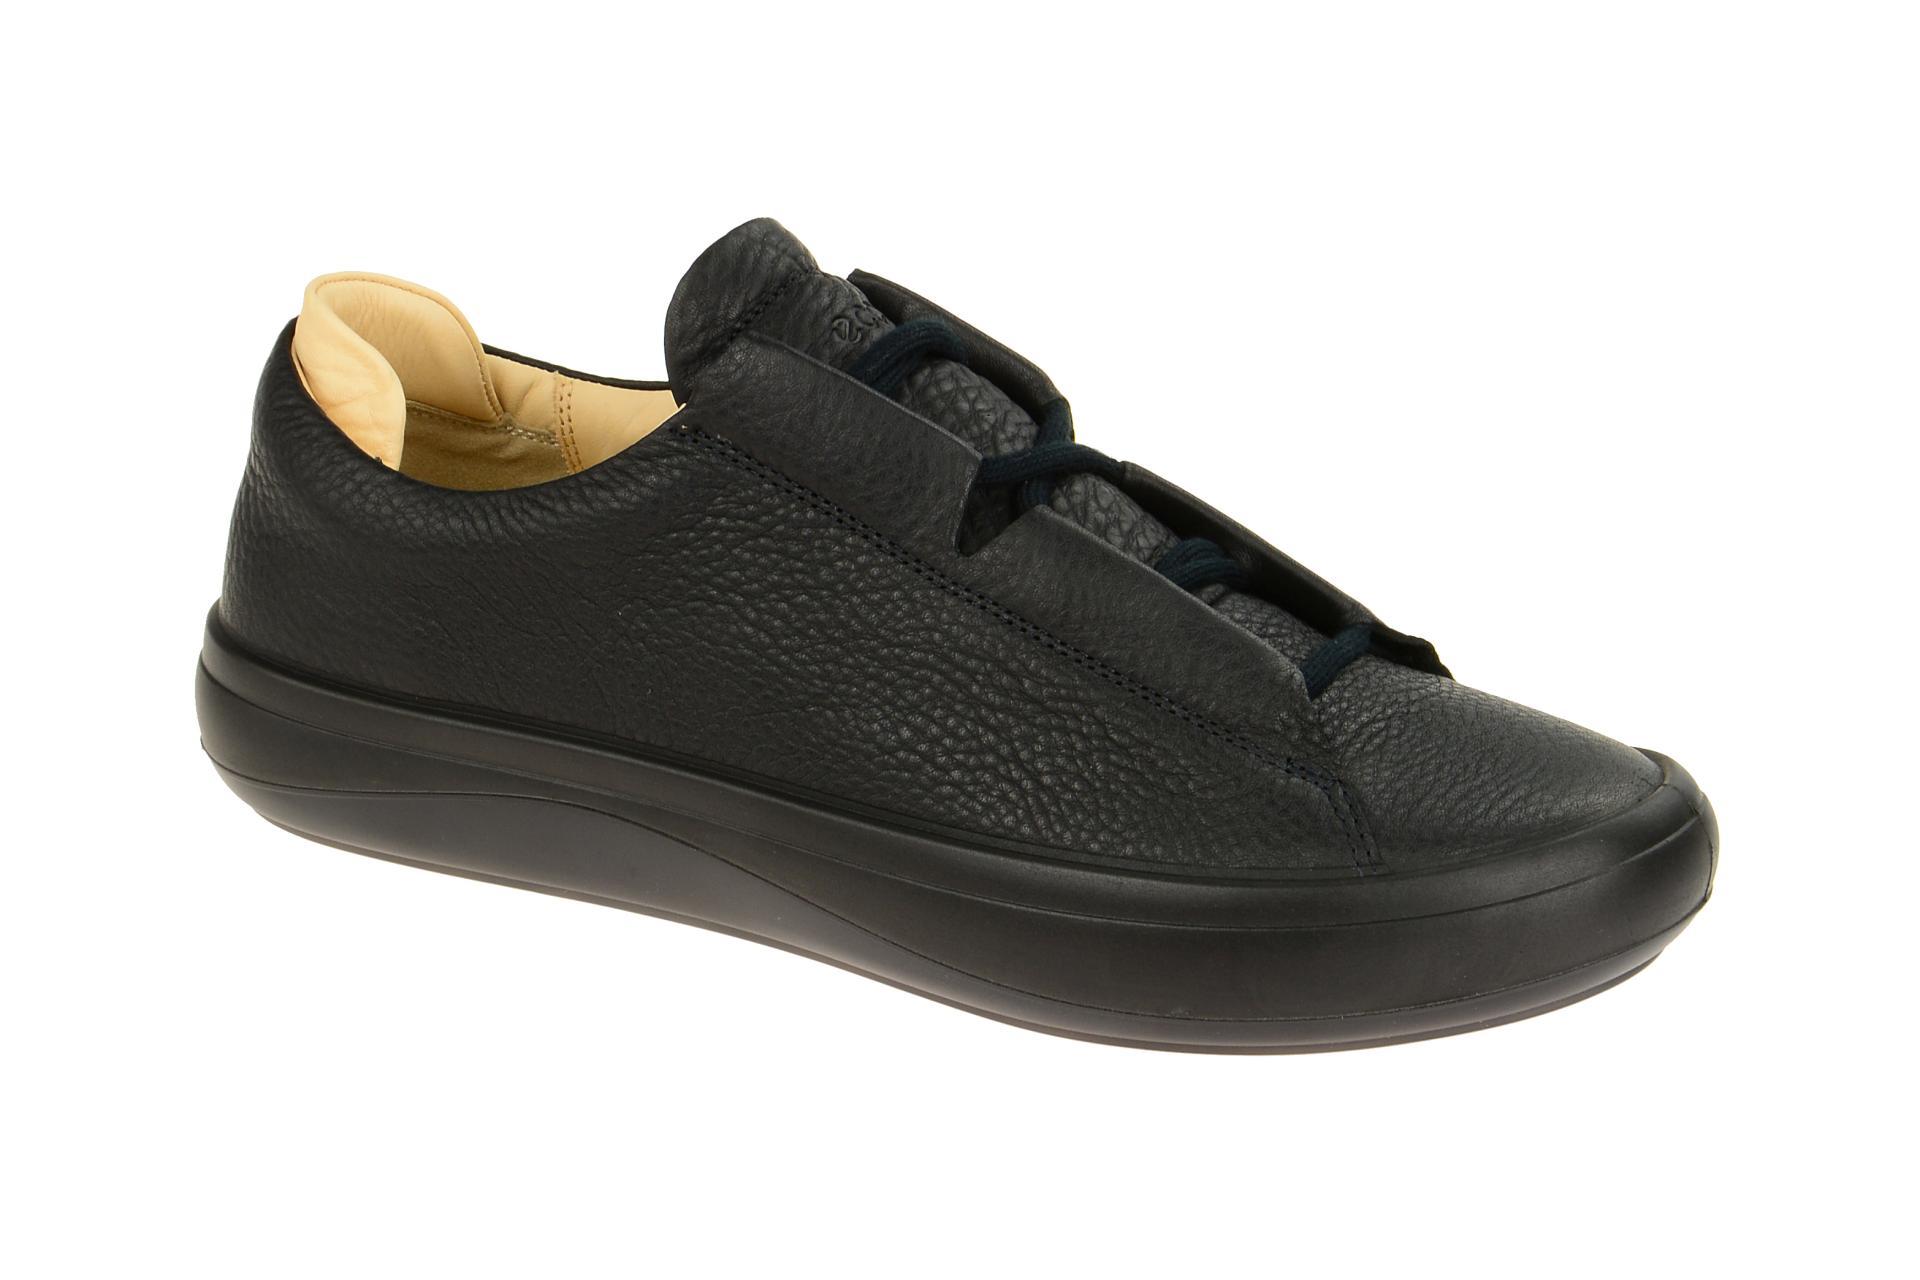 Ecco KINHIN Herrenschuhe Sneakers Halbschuhe schwarz NEU